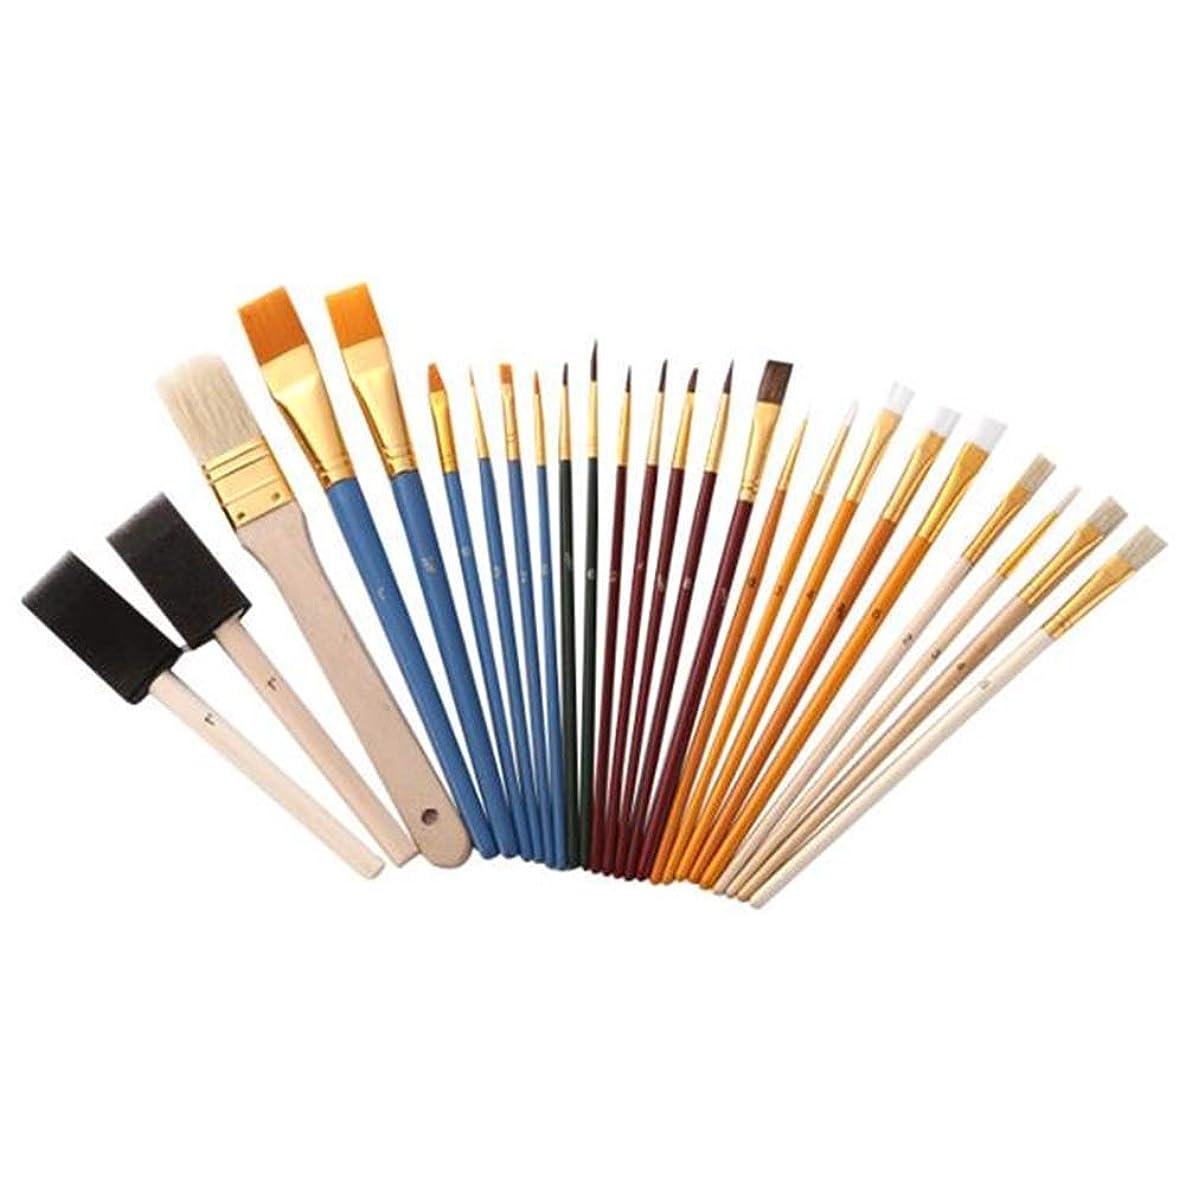 靴ブーム理論油絵筆セット 多機能絵画ブラシ実用ブラシセット 毛は柔らかく、耐久性があります (Color : Multi-colored, Size : 25pcs)